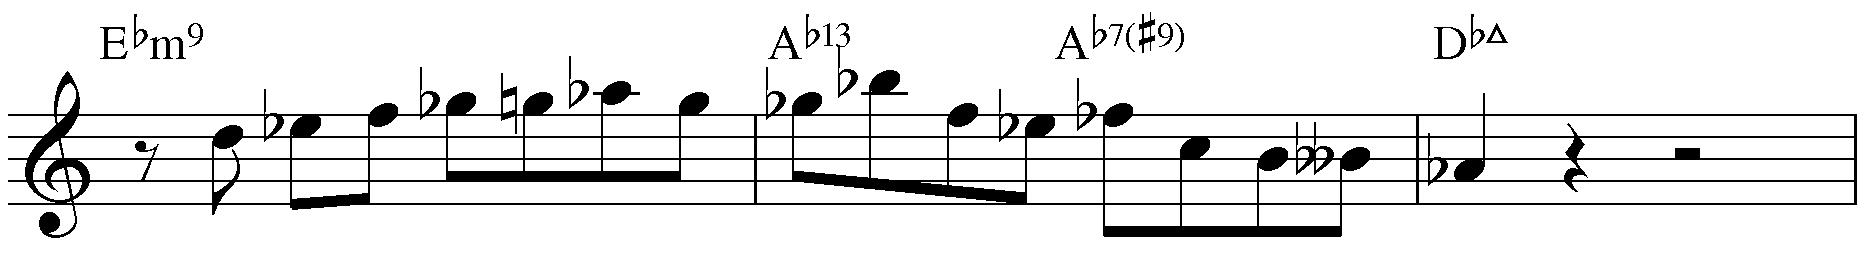 Jazzpattern IIm7 - V7 - IMaj7. Des-Dur.